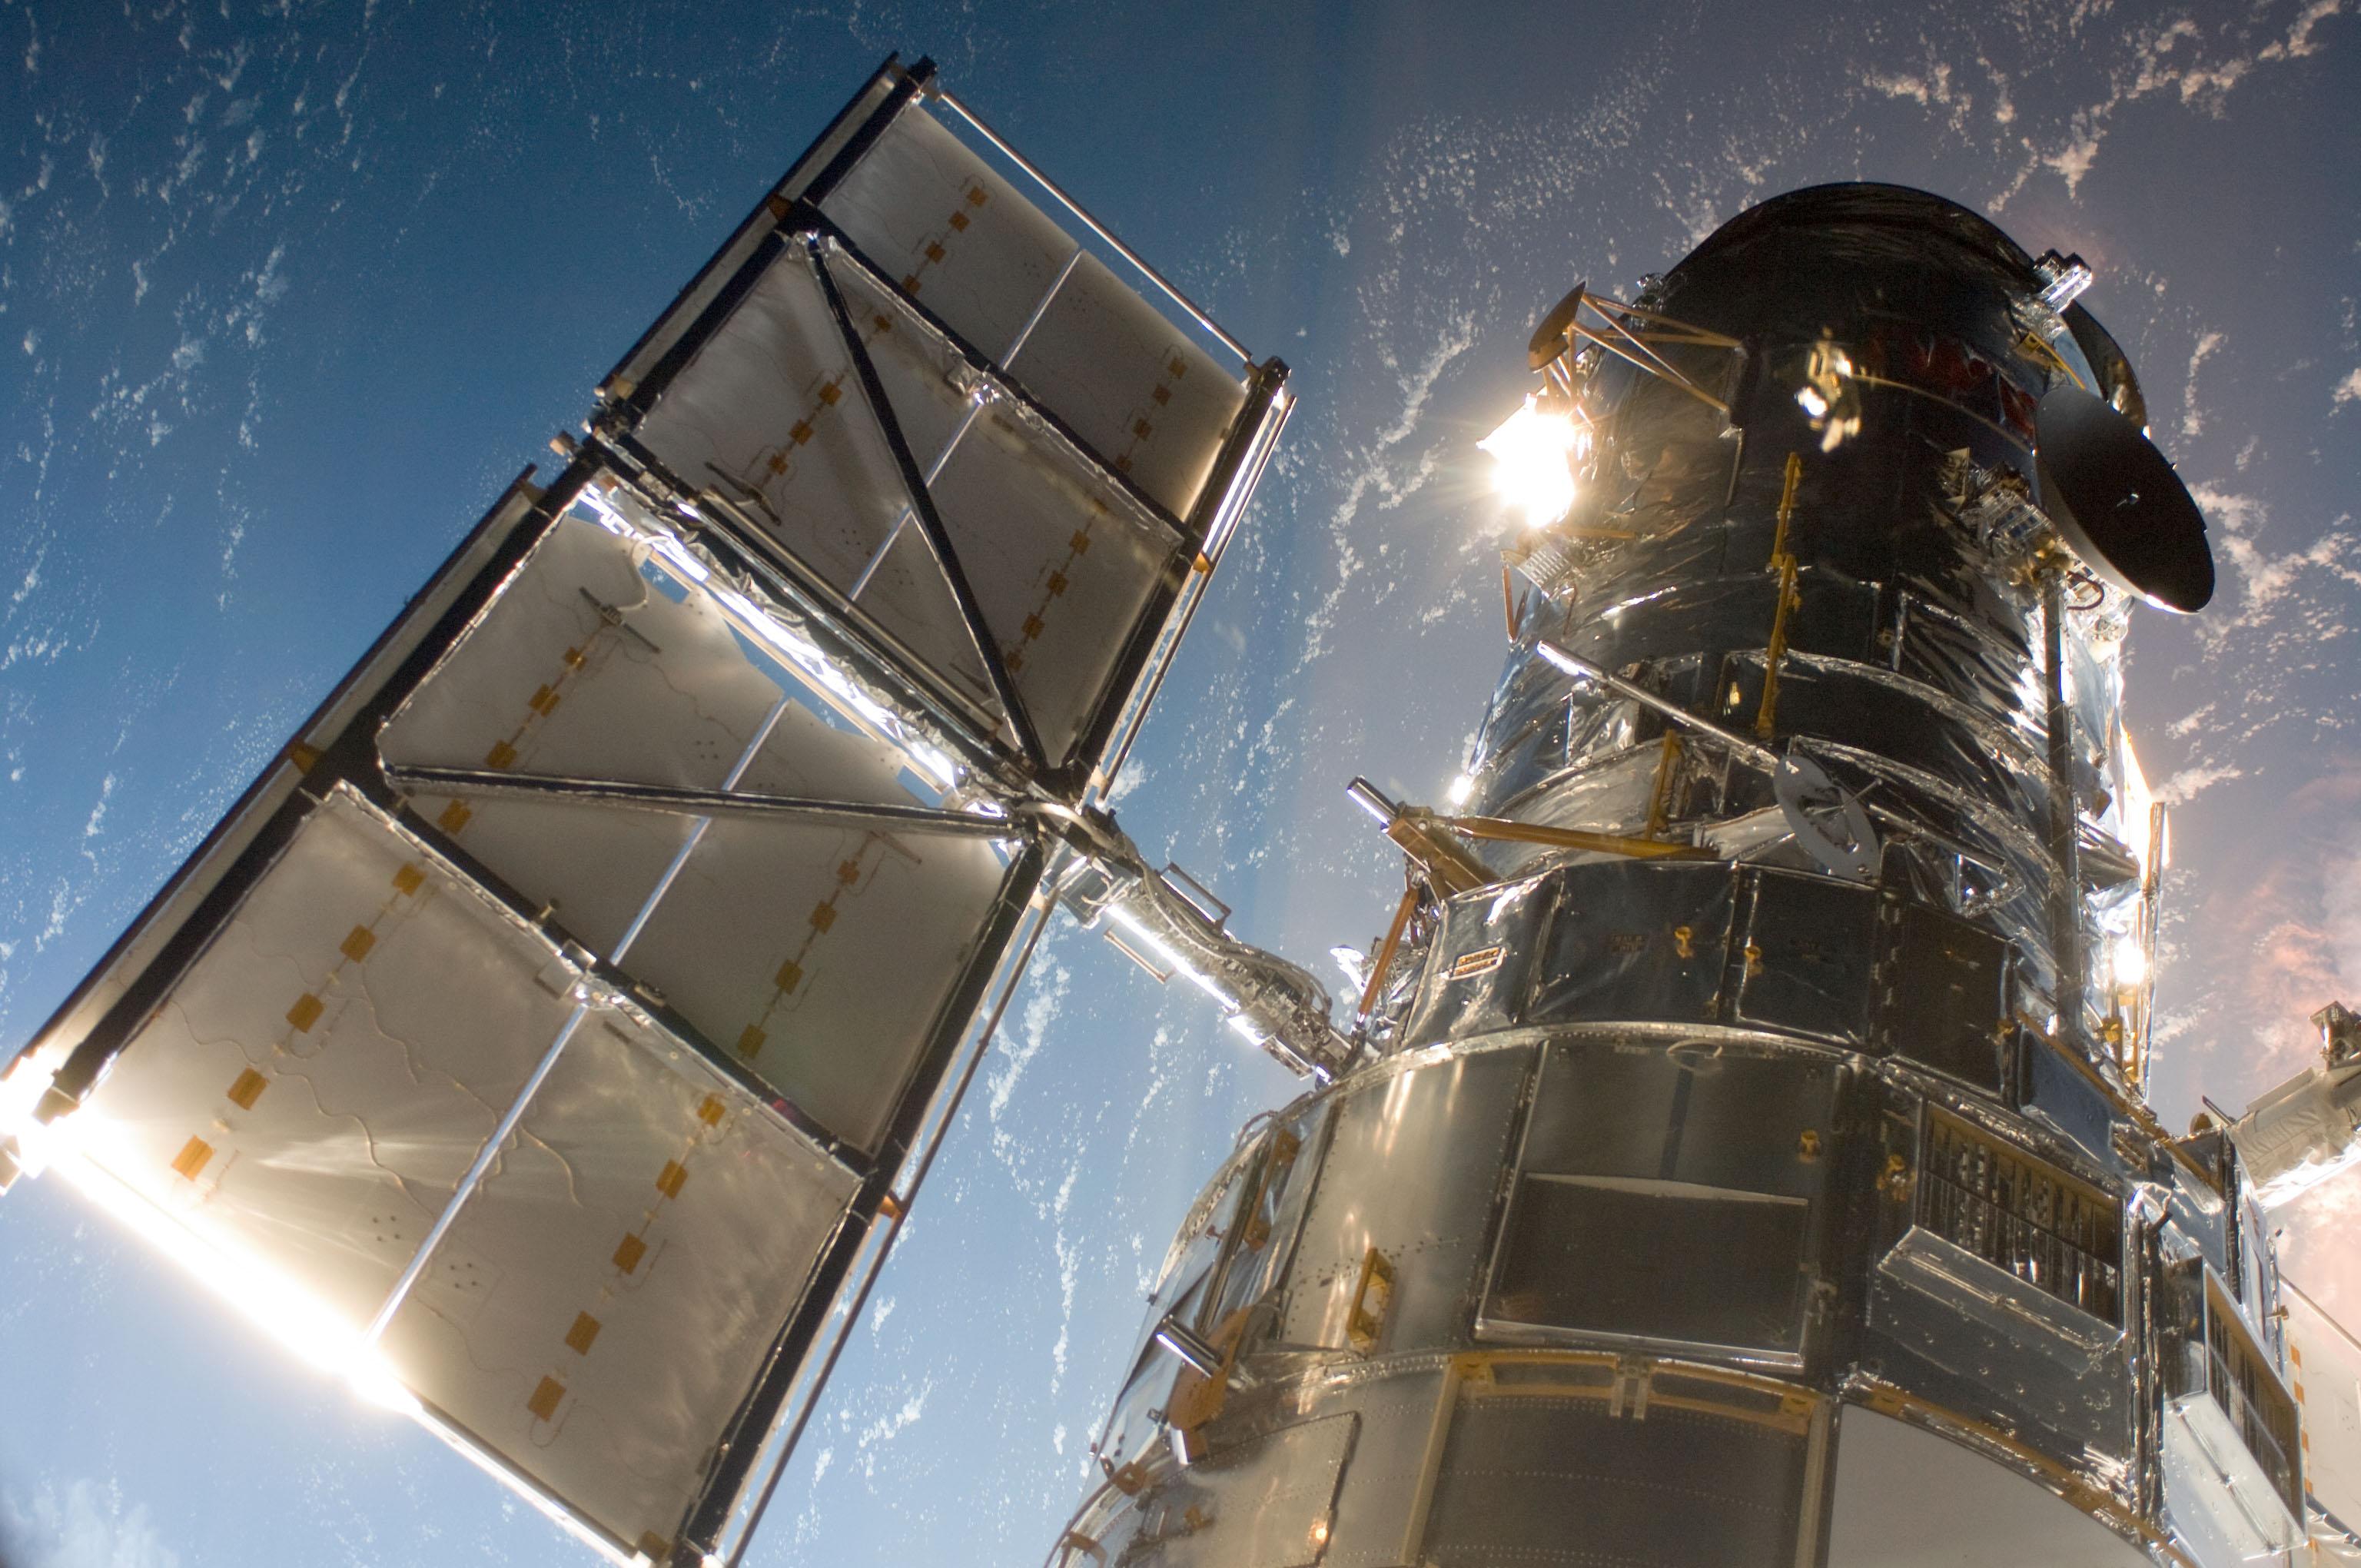 Le 13 juin 2021, le télescope spatial Hubble s'est arrêté après un problème avec un ordinateur de charge utile des années 1980.  Les membres de l'équipe continuent de travailler sur la question pour que le télescope soit à nouveau opérationnel.